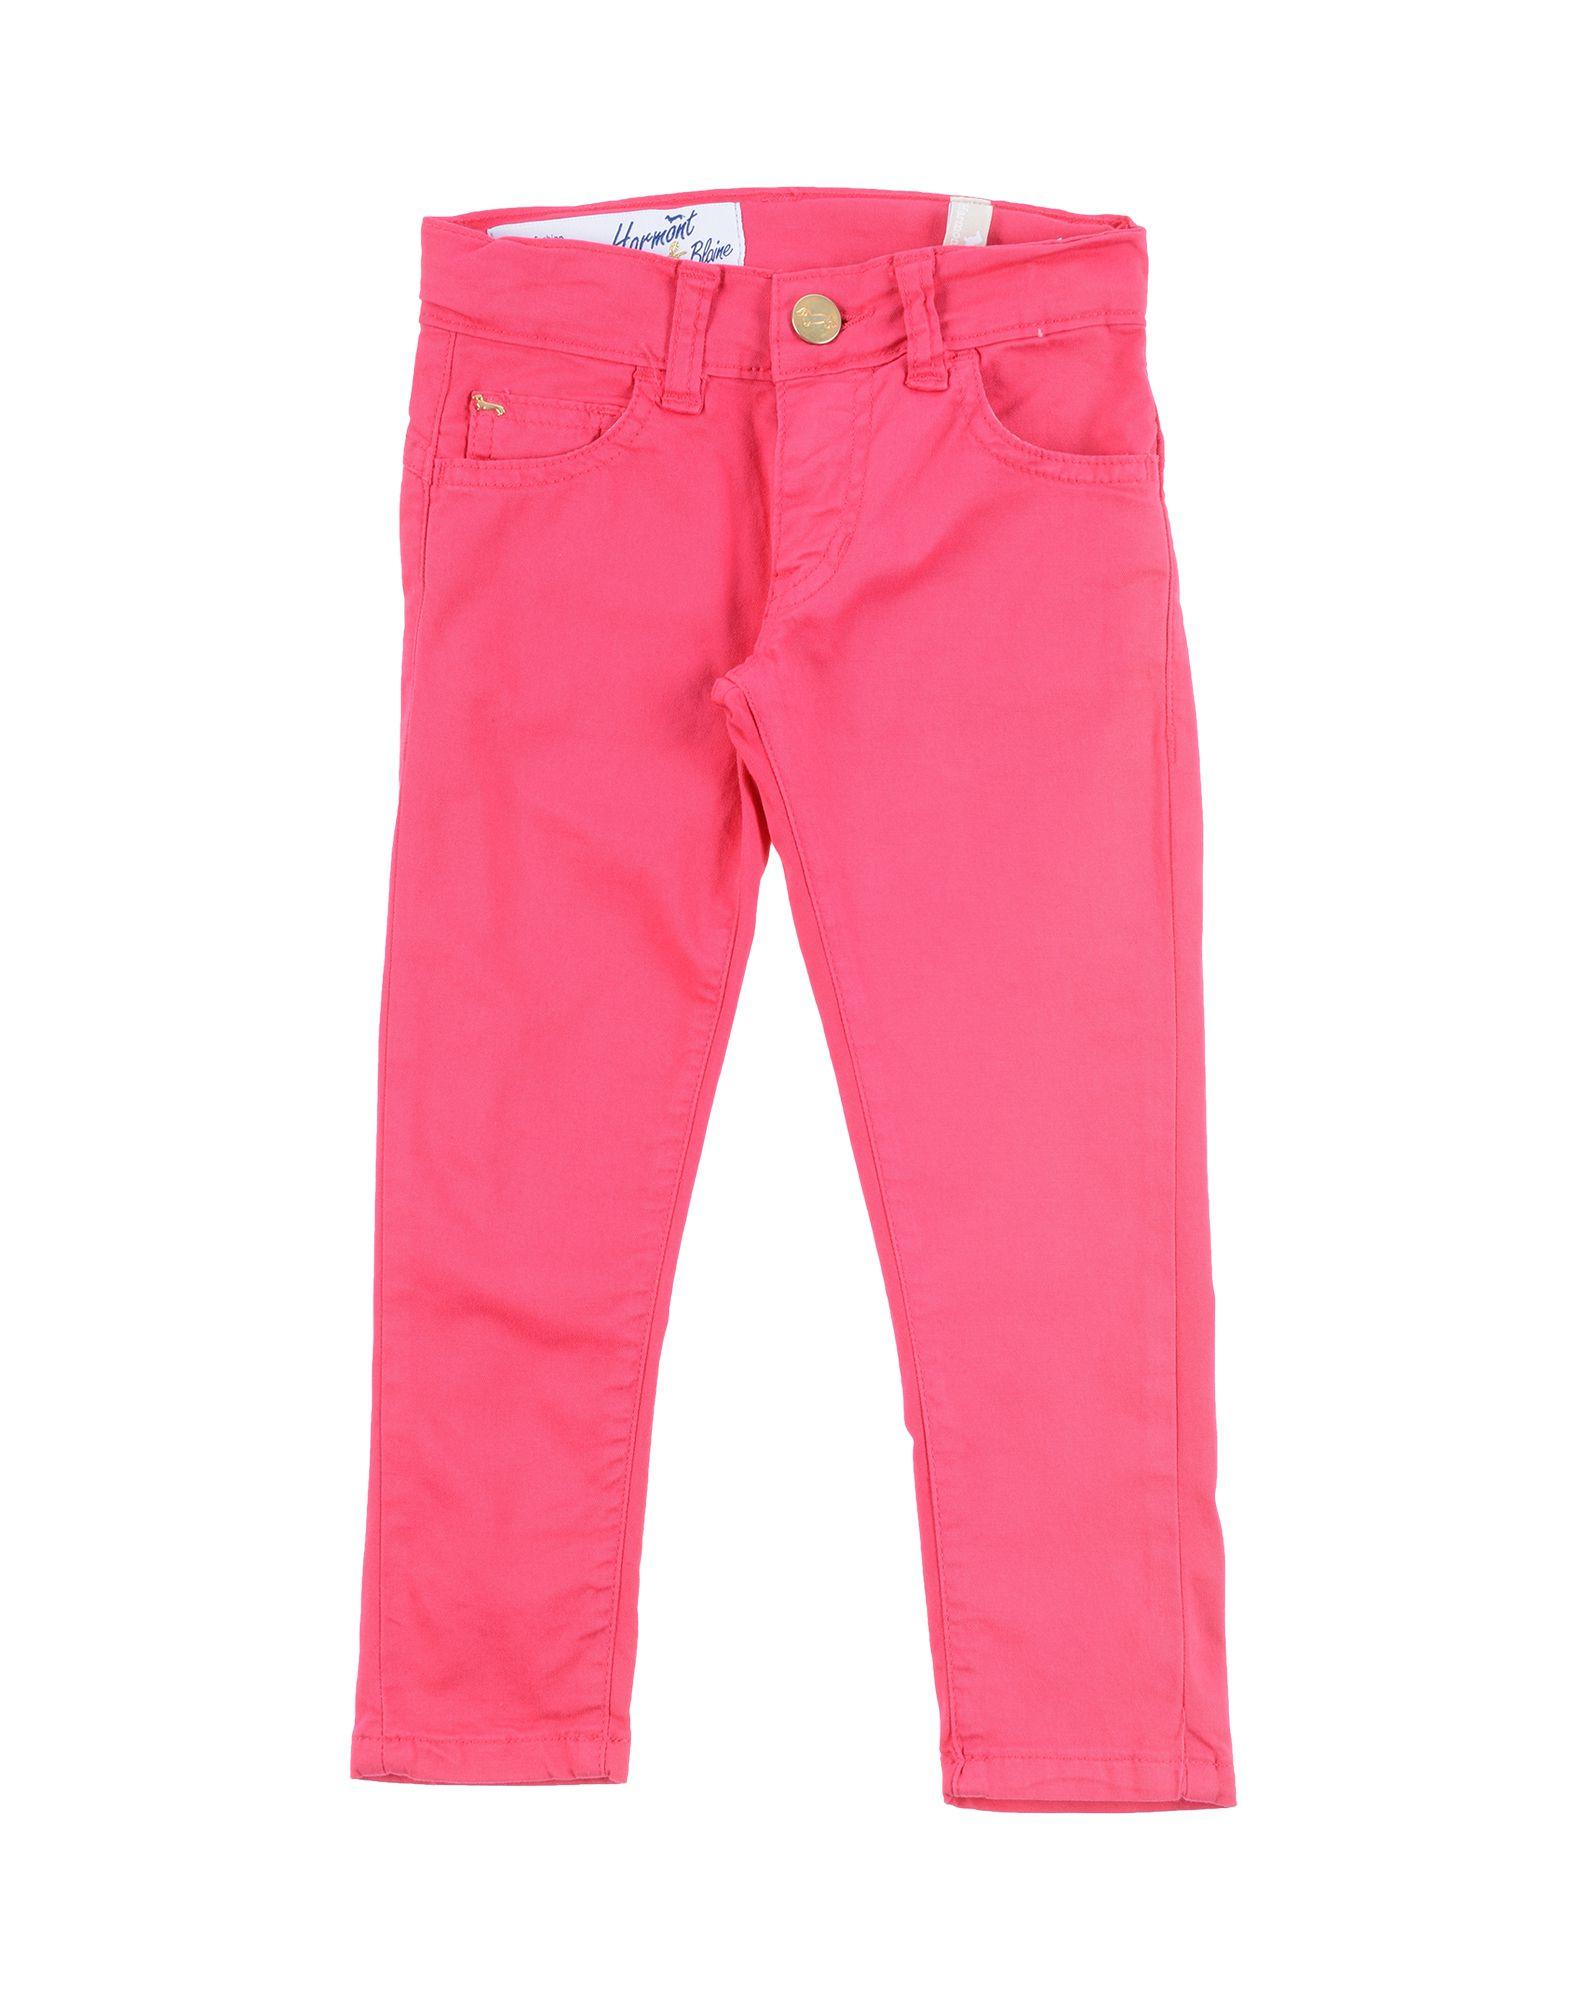 Pantalone Harmont&Blaine donna - 13228889UP 13228889UP  Online-Shop